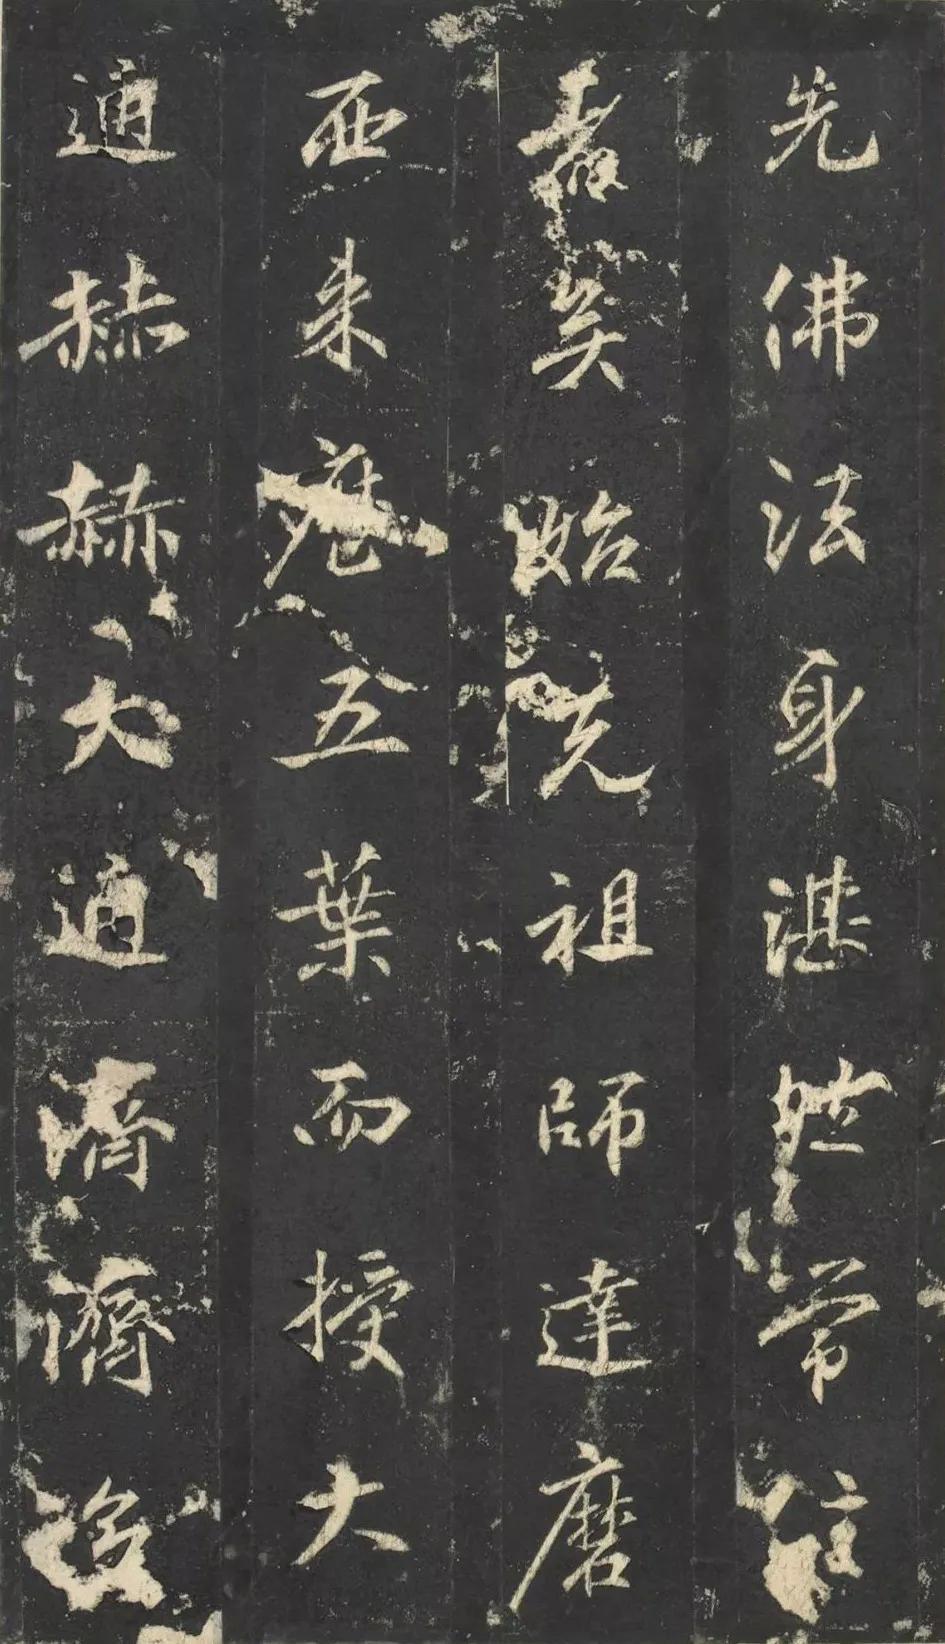 唐代僧人温古行楷书《景贤大师身塔记》,恍若羲之再现